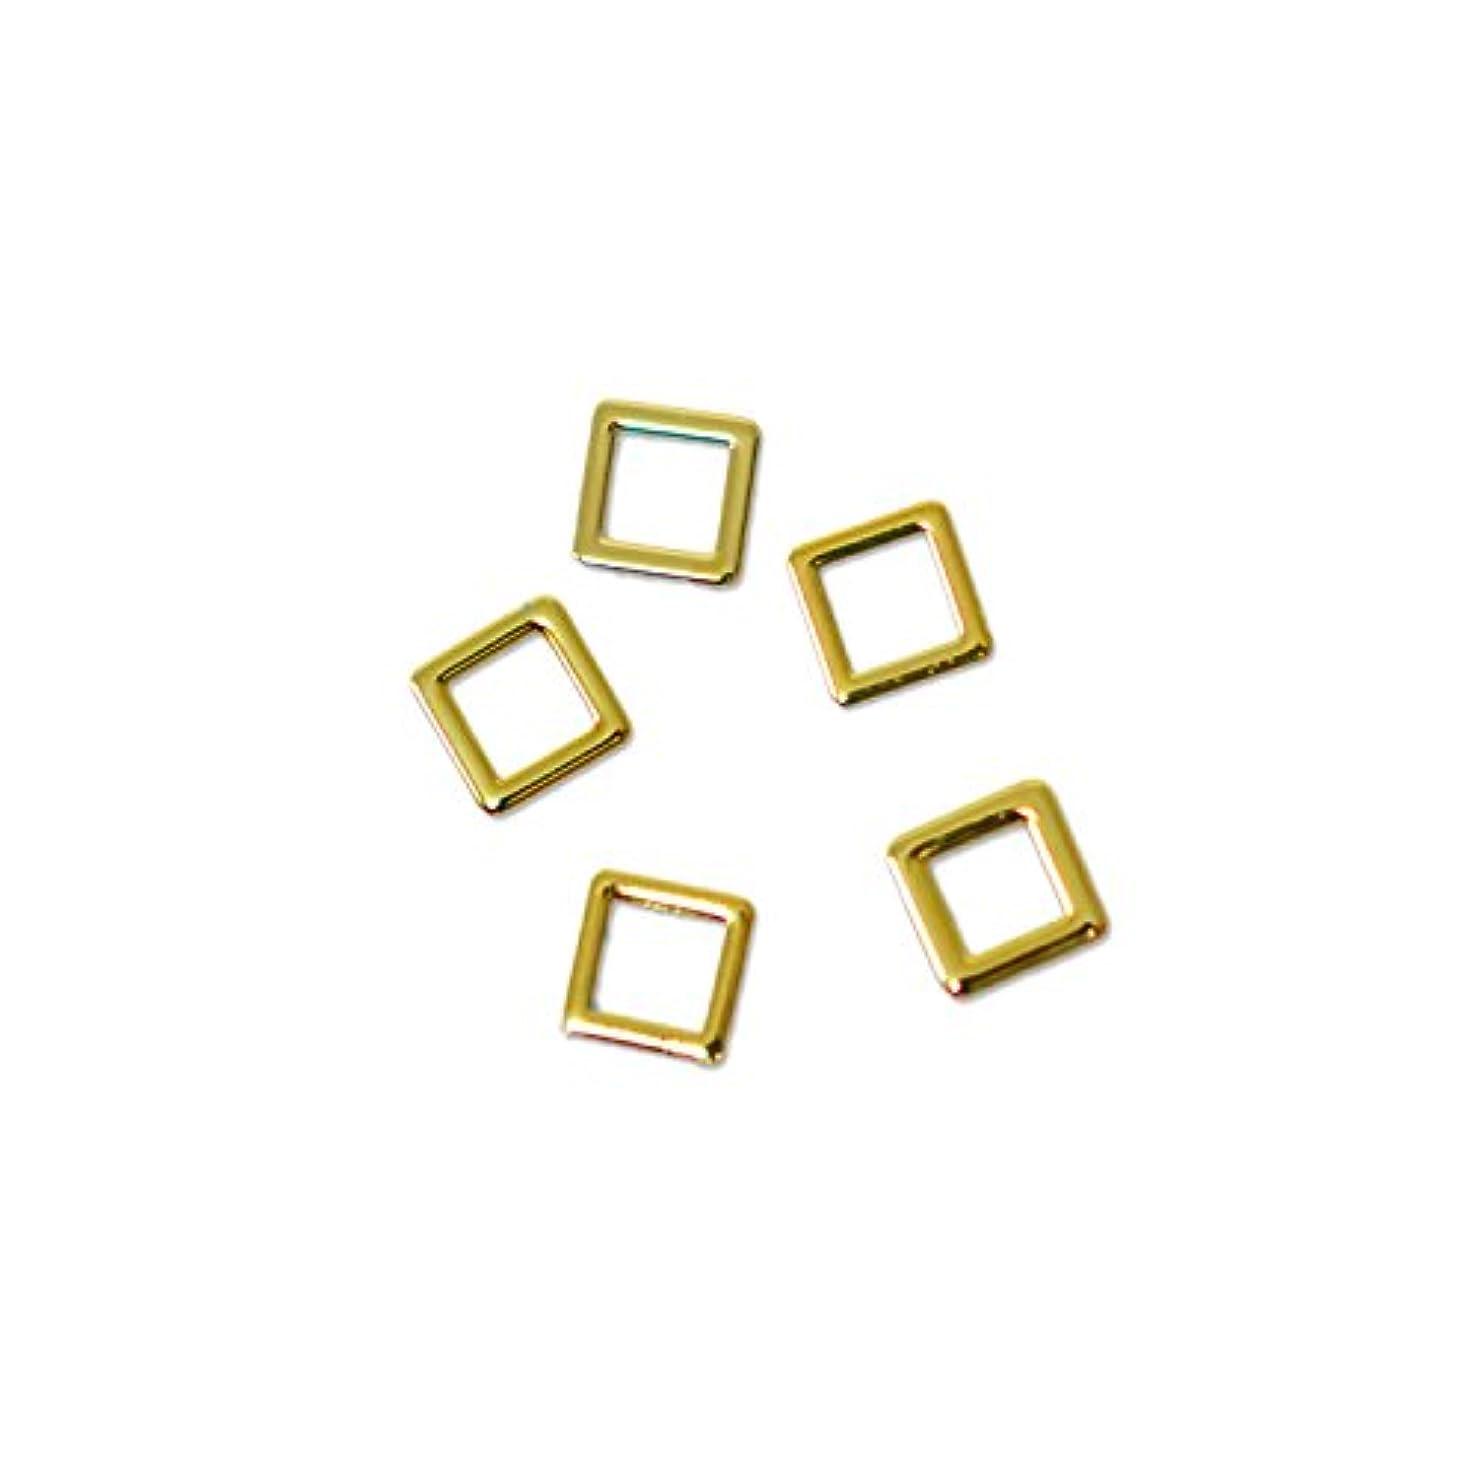 司教枯渇する腰薄型メタルパーツ10001 スクエア 約3mm(内寸約2mm) ゴールド 20個入り 片面仕上